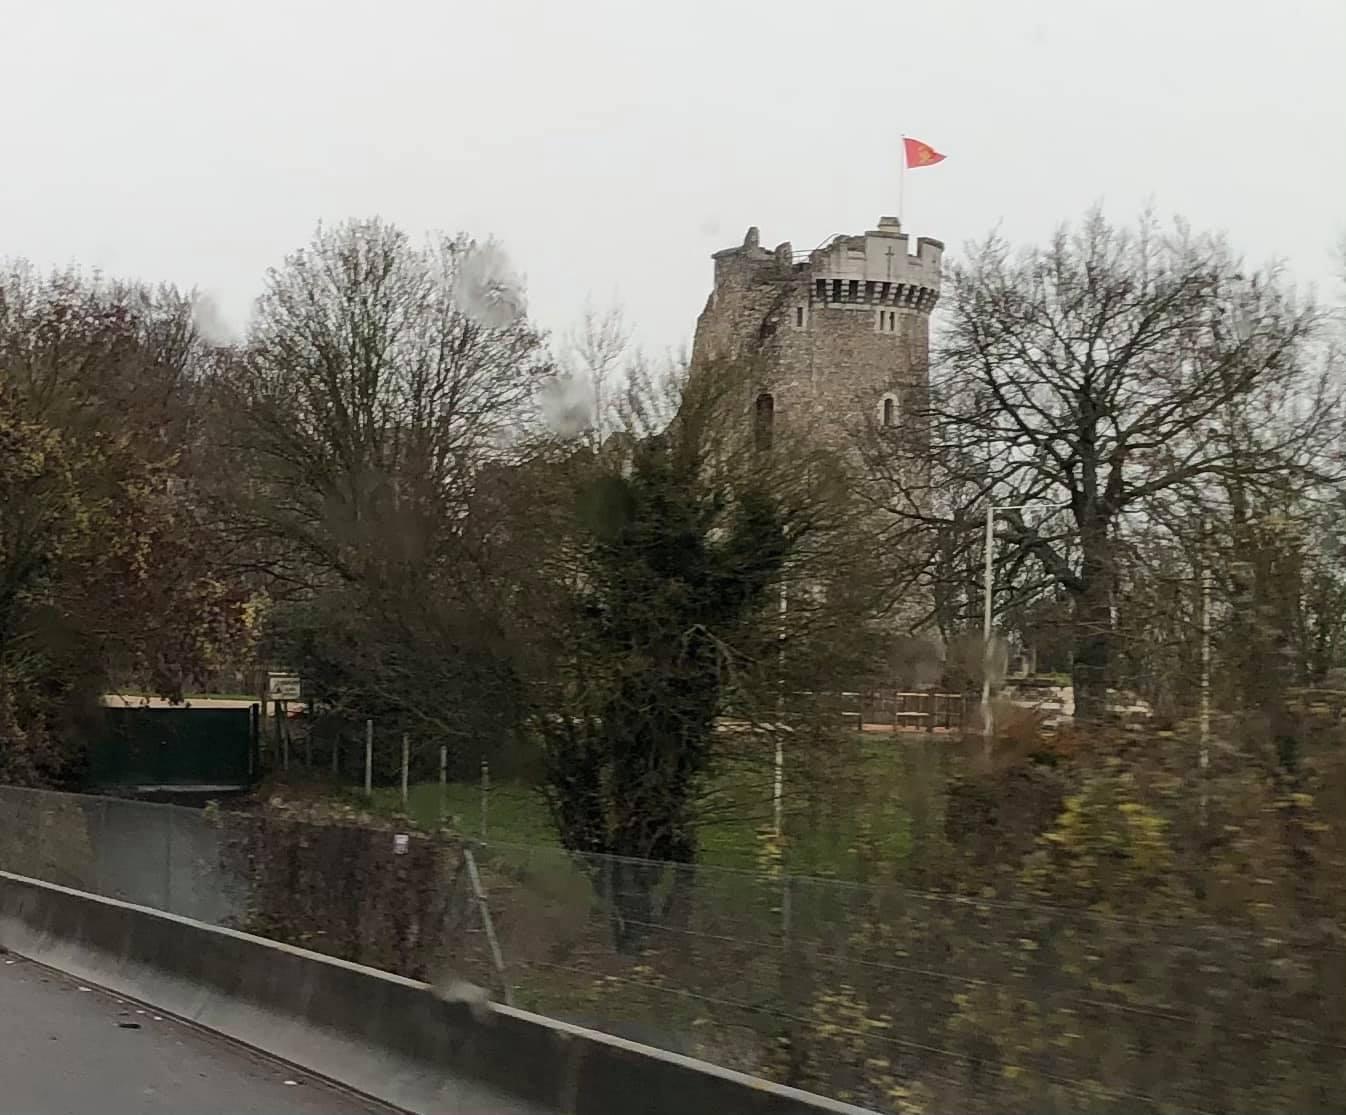 beetje-Parijs-onveilig-gemaakt-en-een-ritje-Bretagne-gedaan-nu-genieten-met-mijn-meisje-Jaslynn-Nijs-maandag-starten-we-in-eigen-land-3-12-2020--(7)